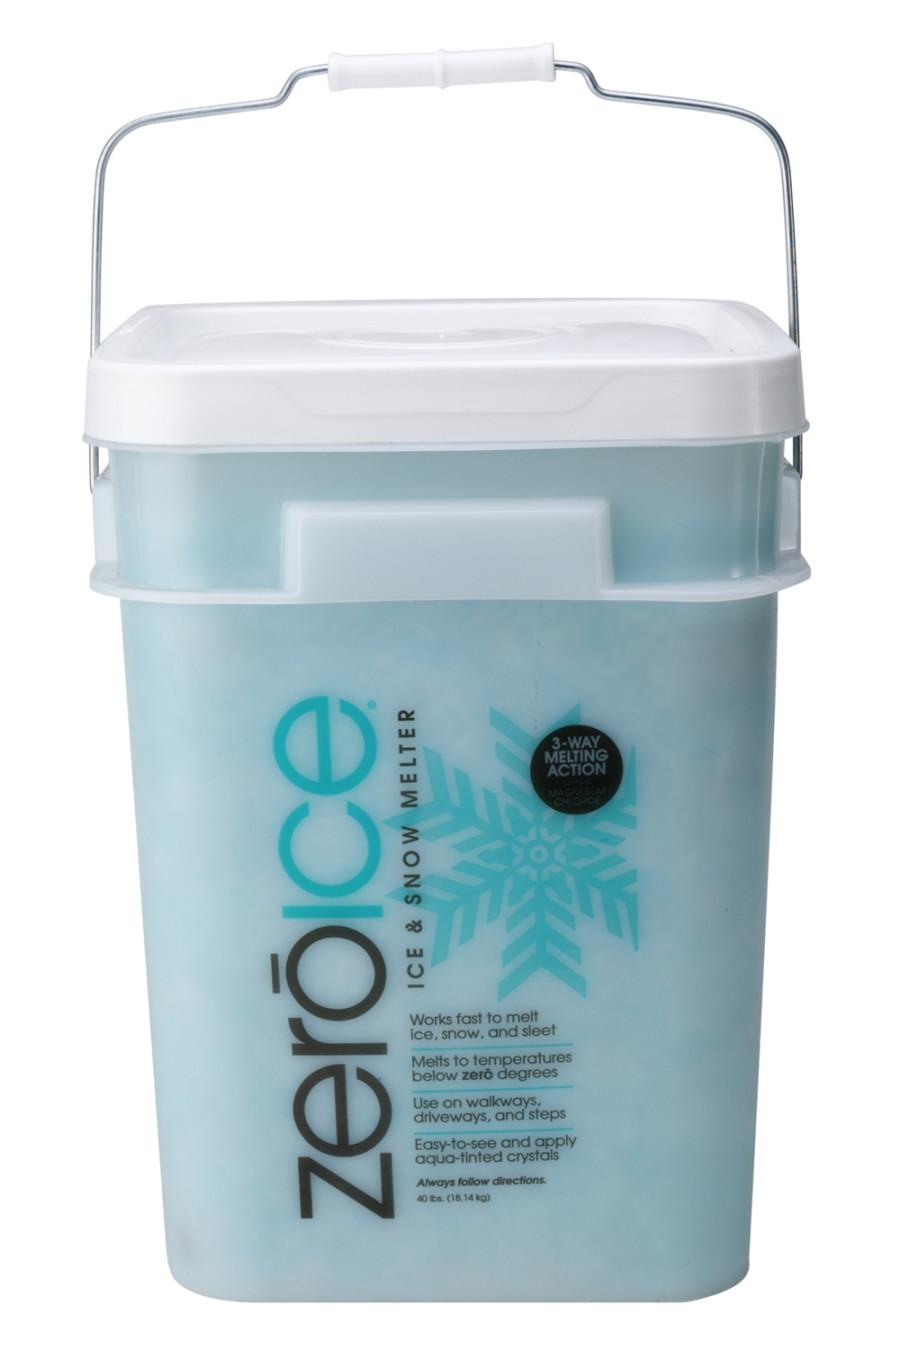 Howard Johnson Zero Ice & Snow Melter Bucket 60ea/40 lb